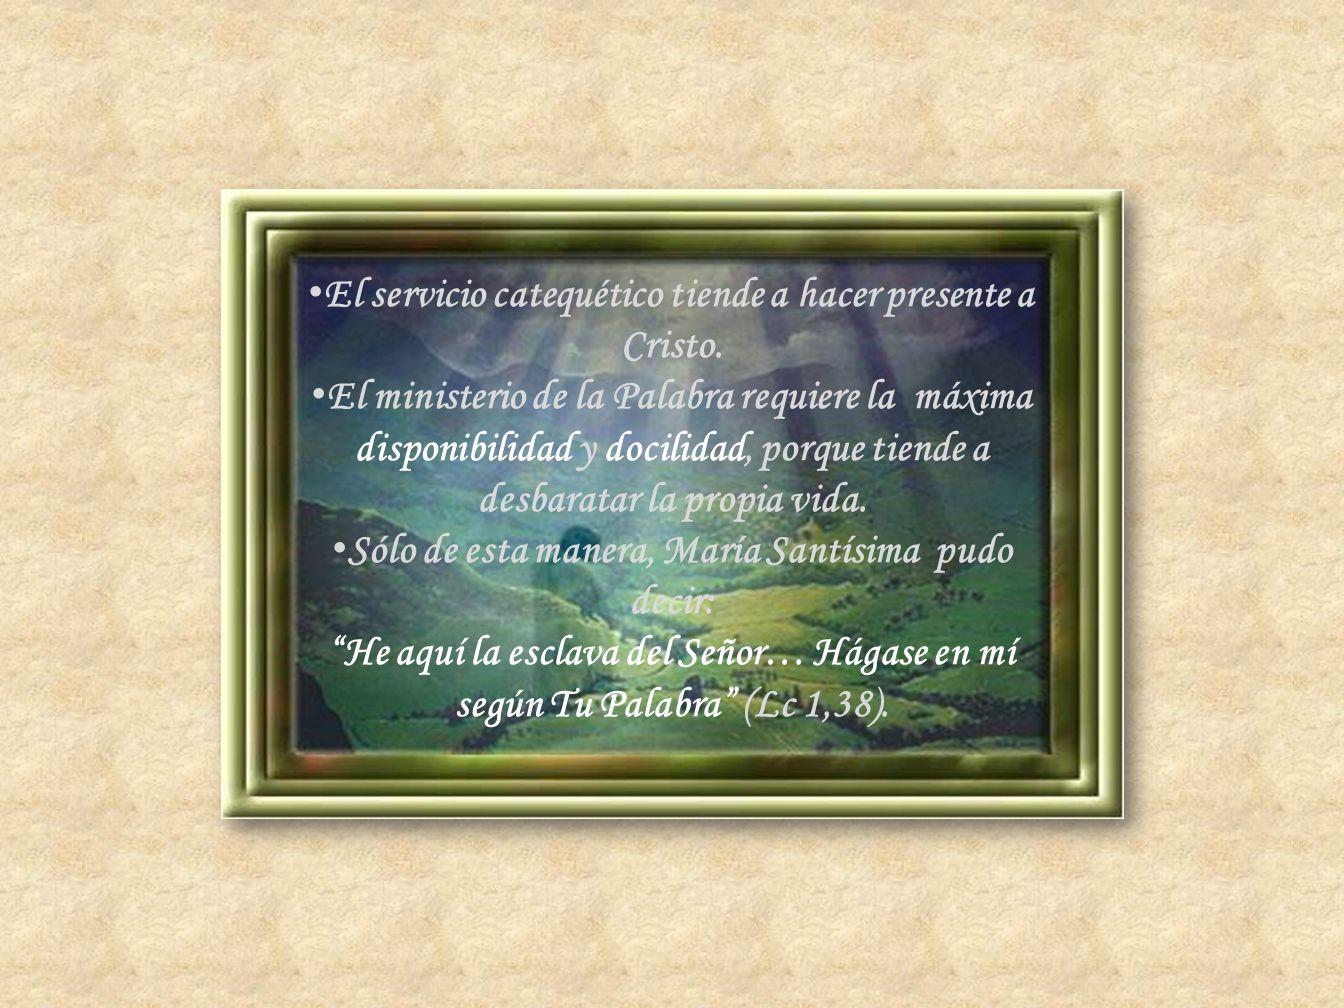 El servicio catequético tiende a hacer presente a Cristo. El ministerio de la Palabra requiere la máxima disponibilidad y docilidad, porque tiende a d